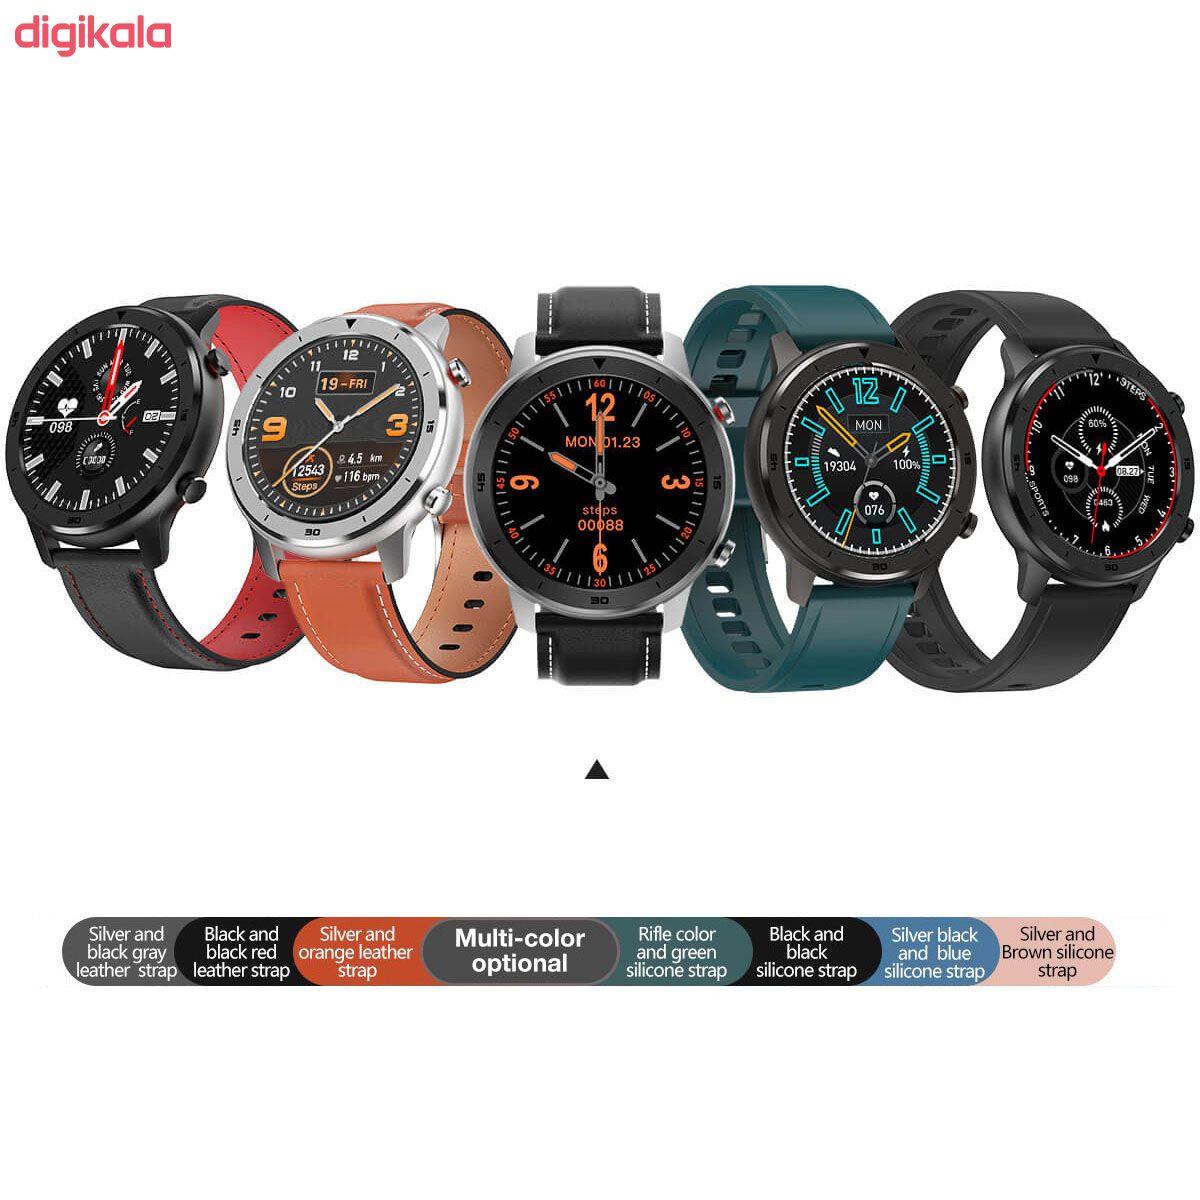 ساعت هوشمند دی تی نامبر وان مدل DT78 main 1 7